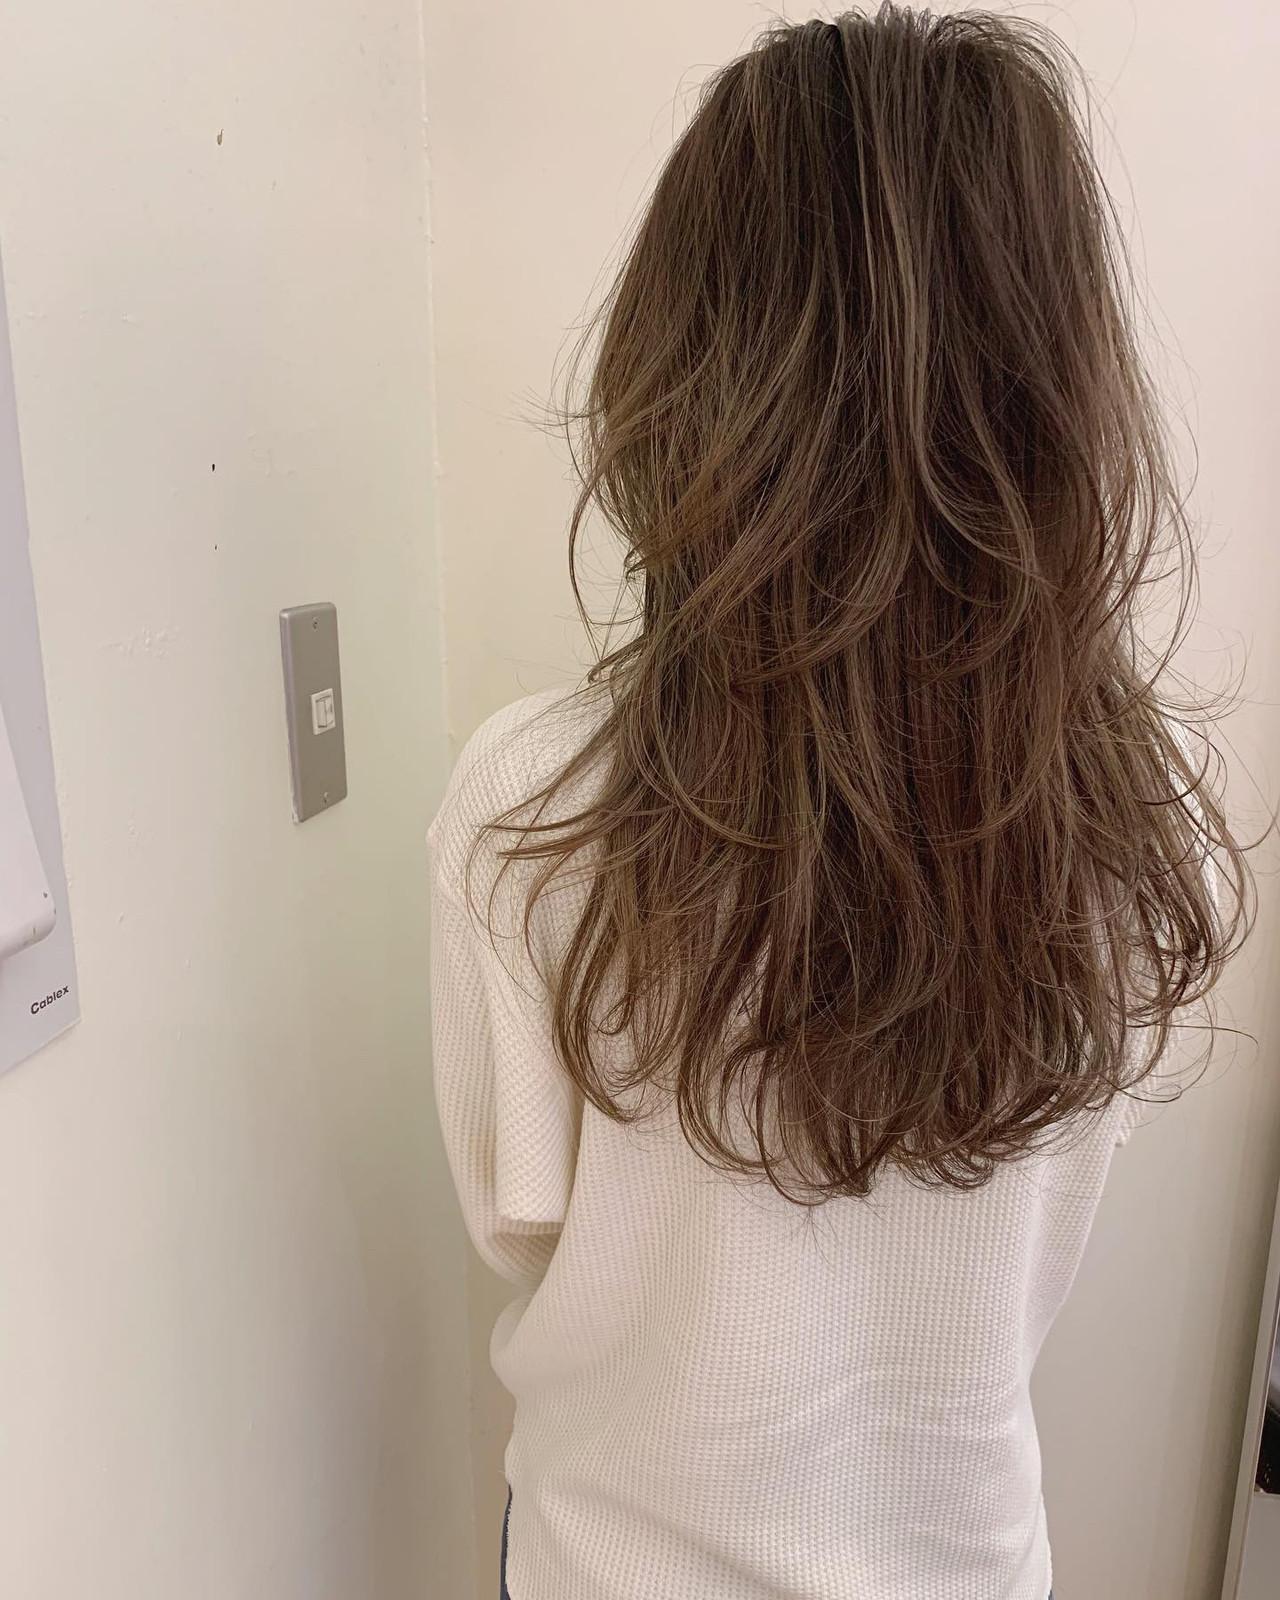 デート マッシュウルフ ロング アンニュイほつれヘア ヘアスタイルや髪型の写真・画像